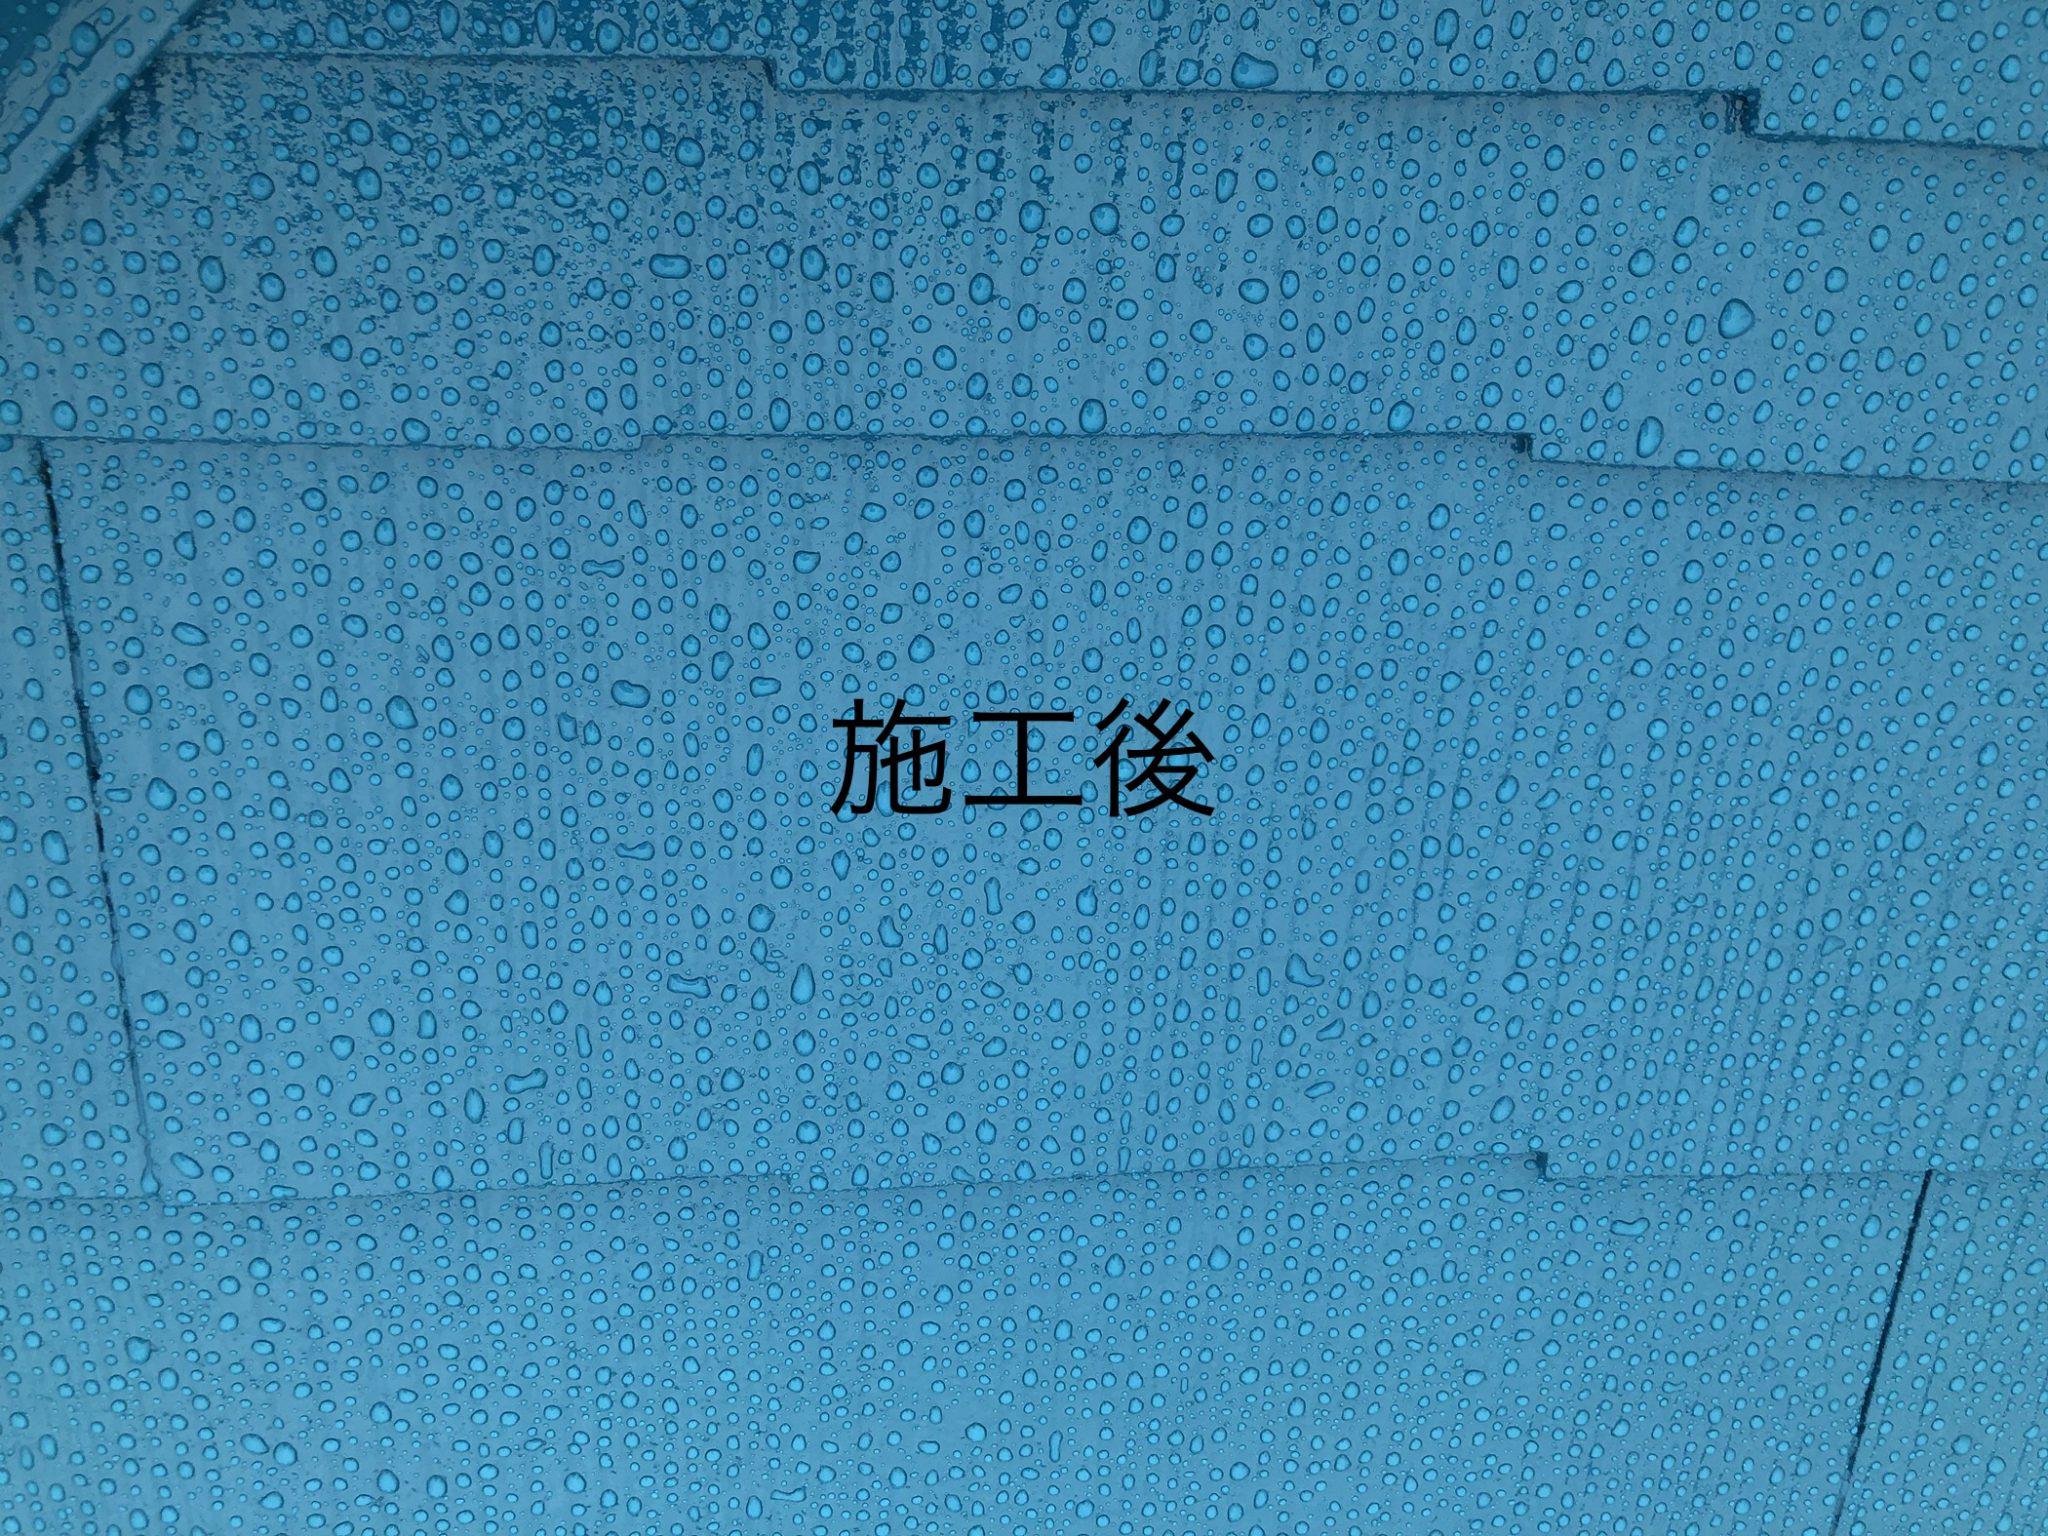 外壁シリコン・屋根フッ素塗装現場完了です。